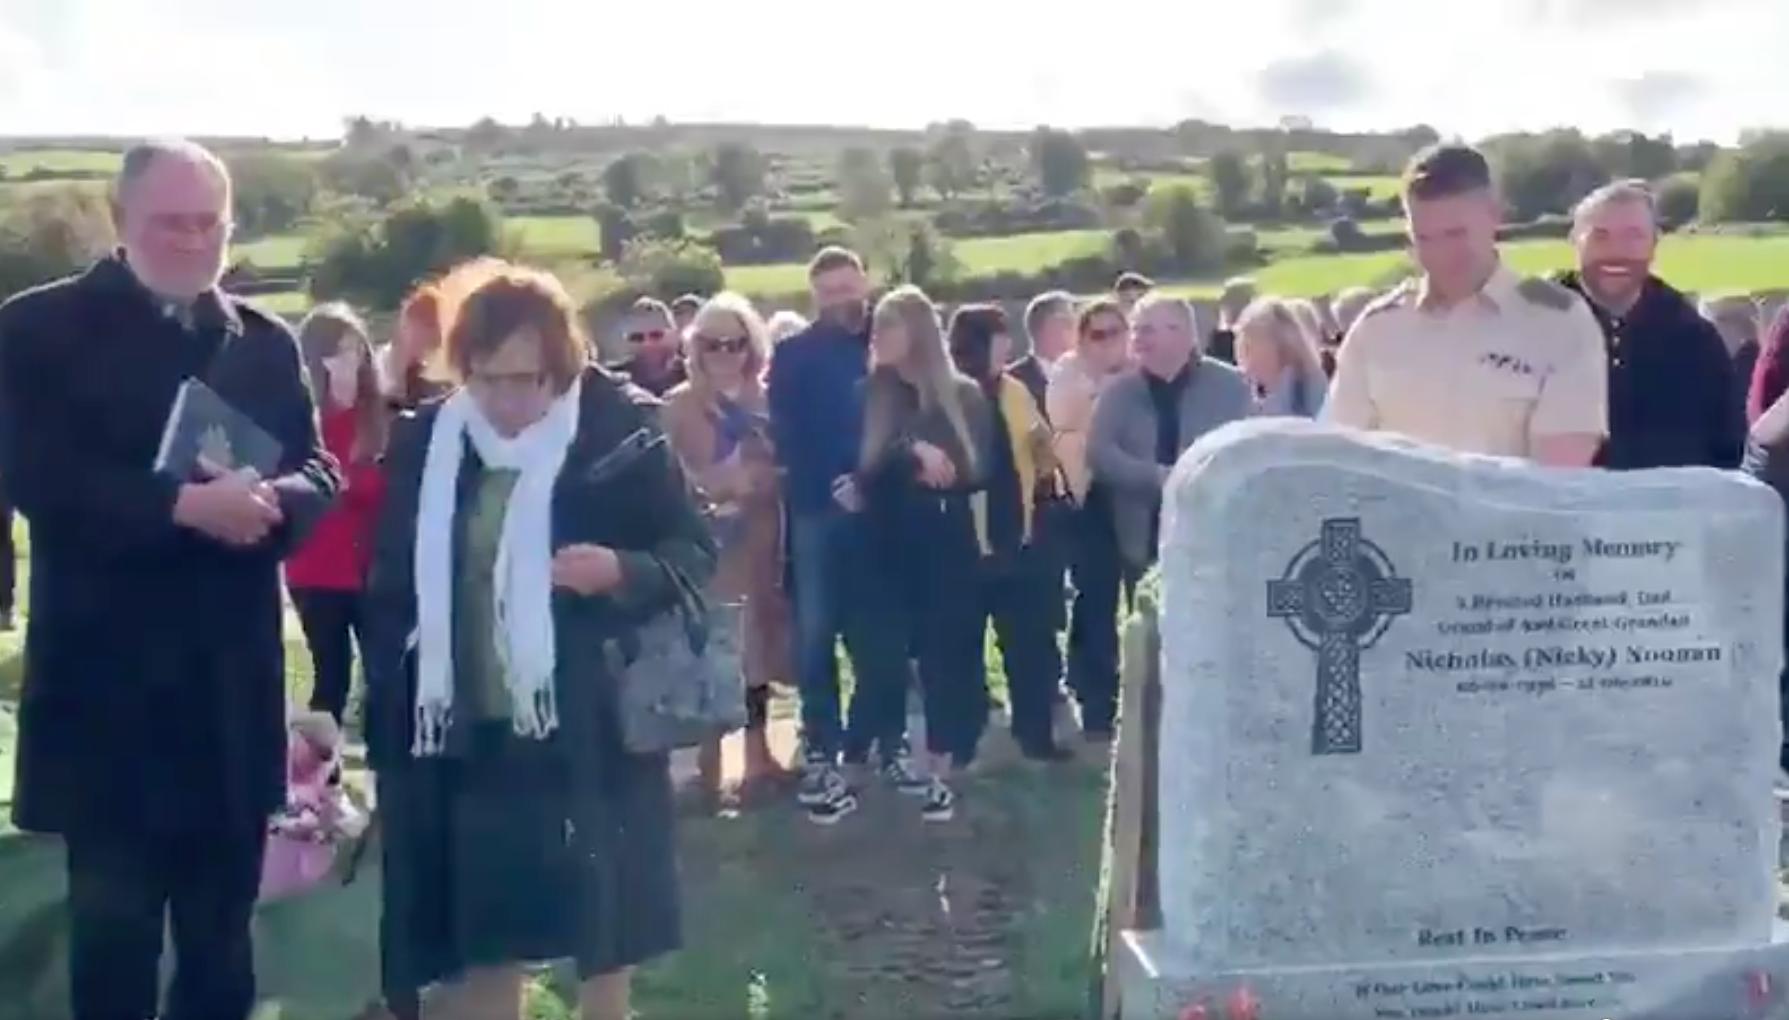 Planeó una broma para su entierro y logró las carcajadas de quienes lo estaban llorando